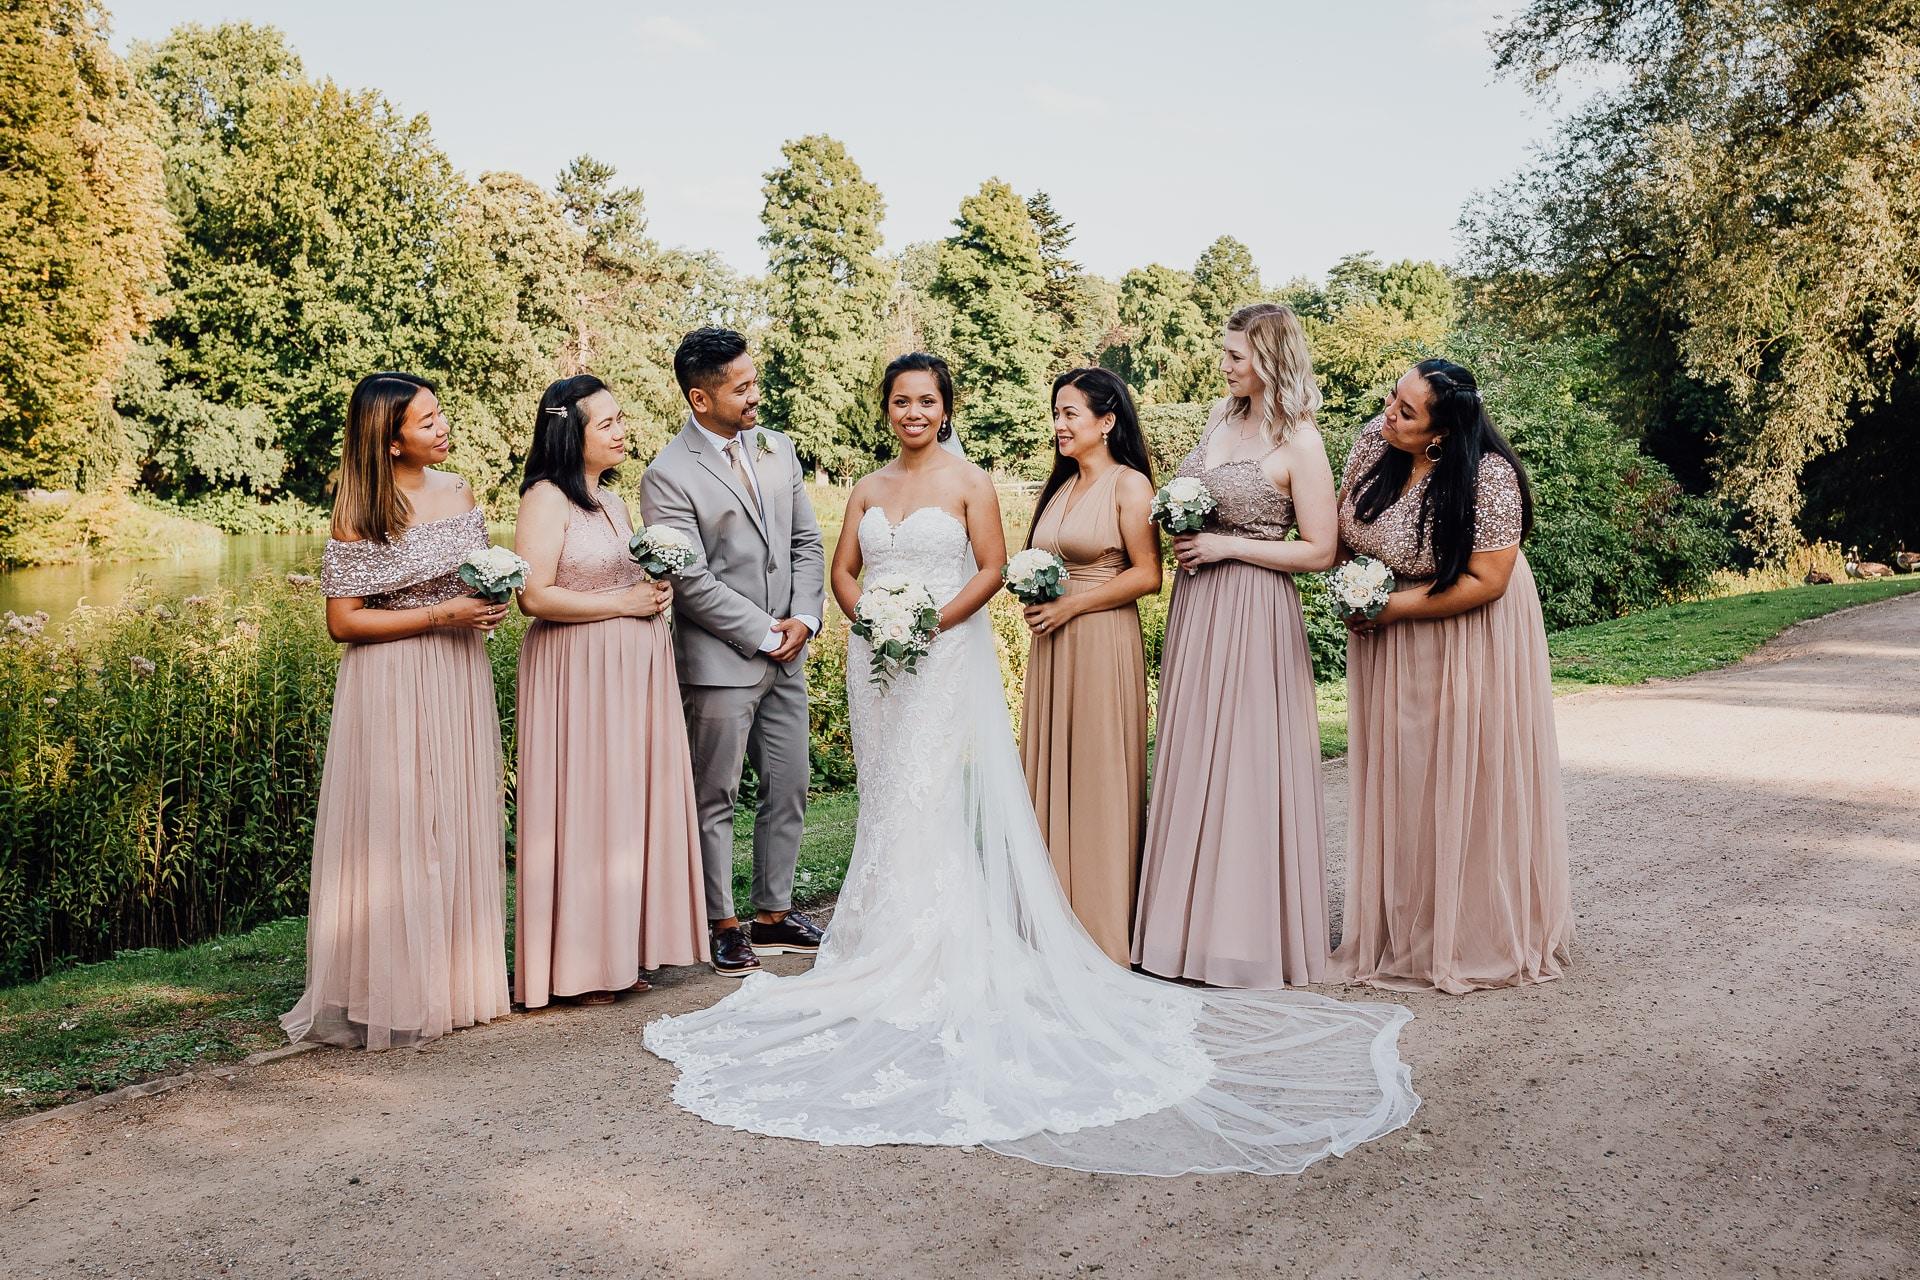 Hochzeitsfotos Gruppenfotos Braut mit Brautjungfern